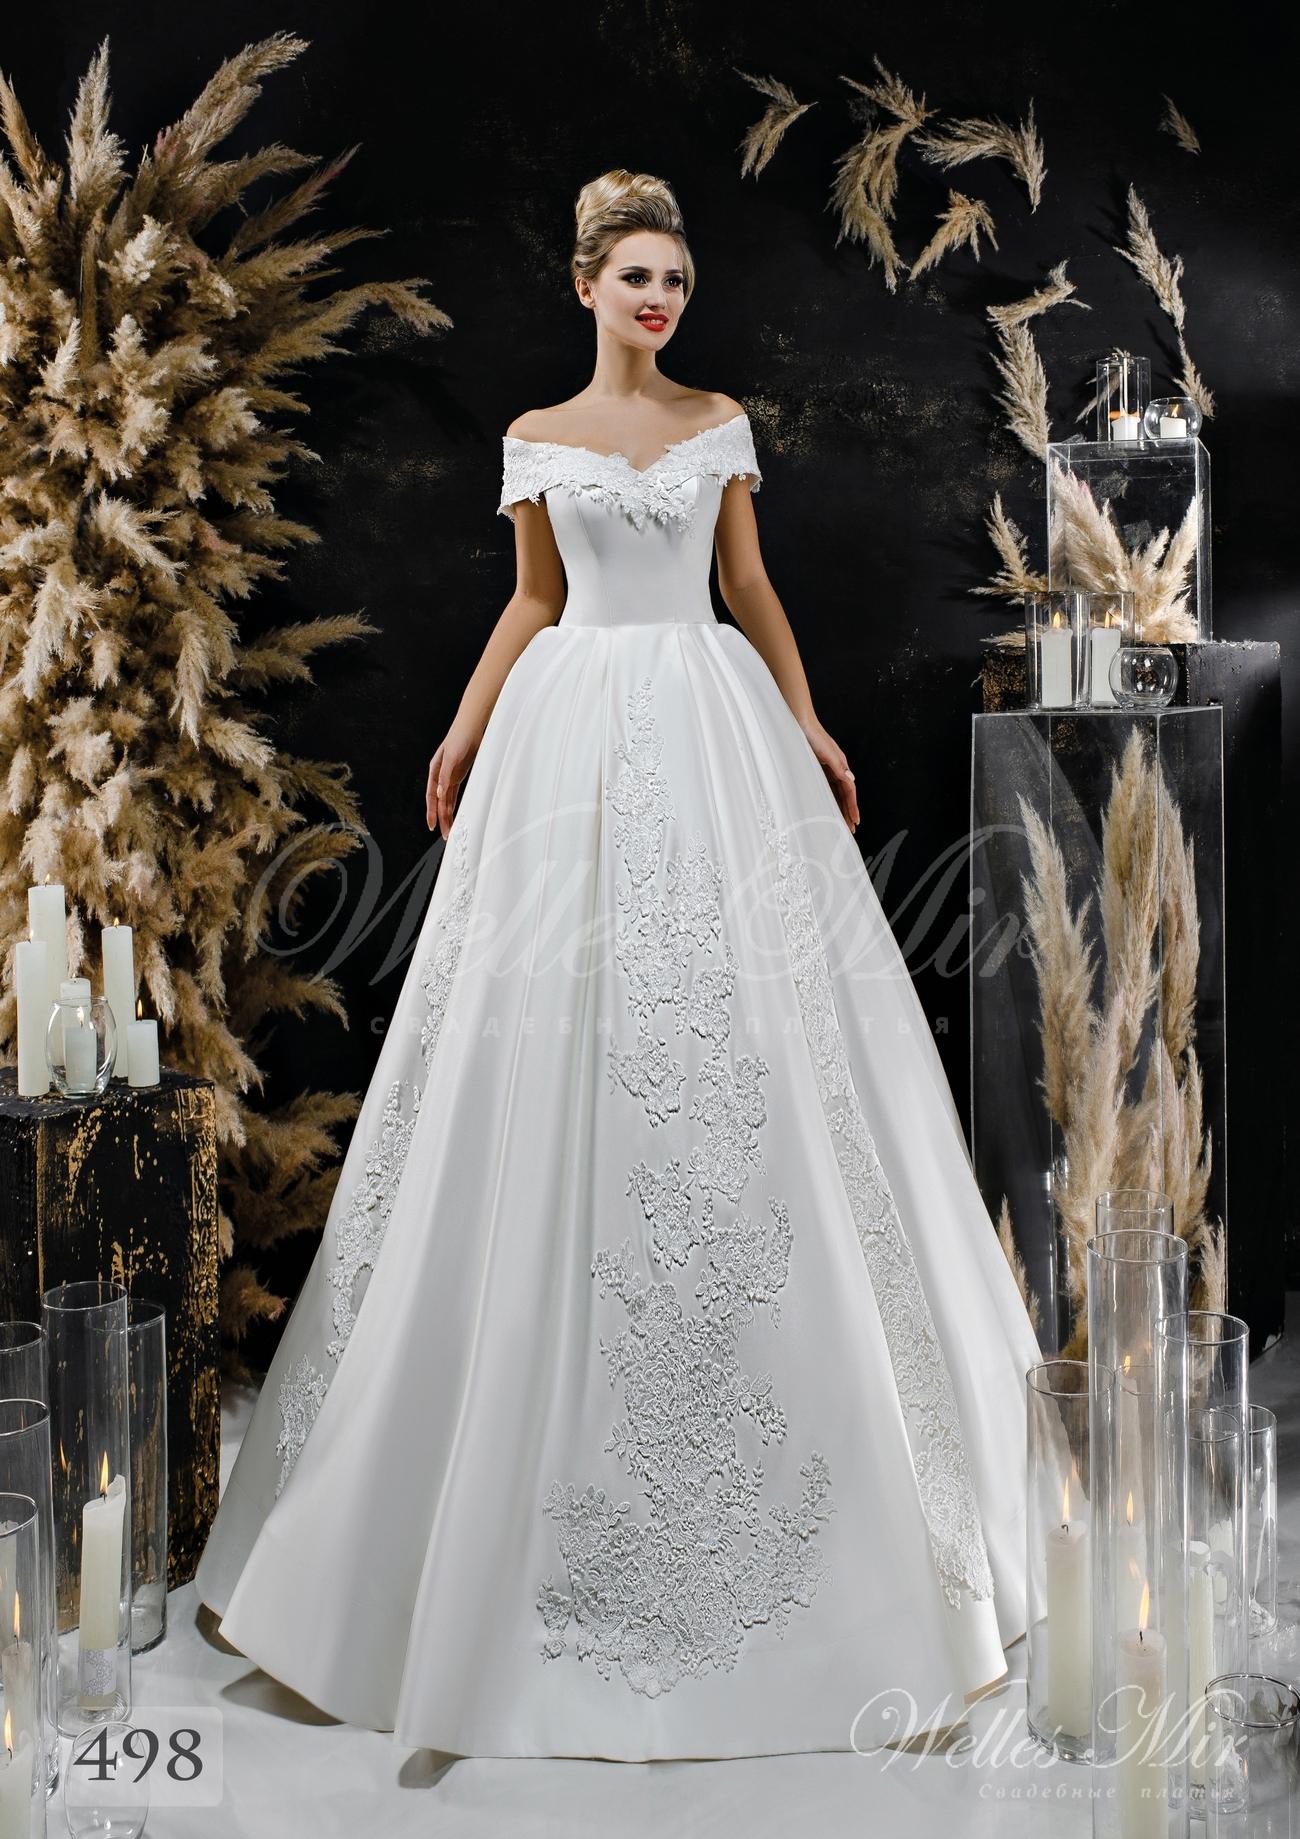 Атласное платье с приспущенными плечами